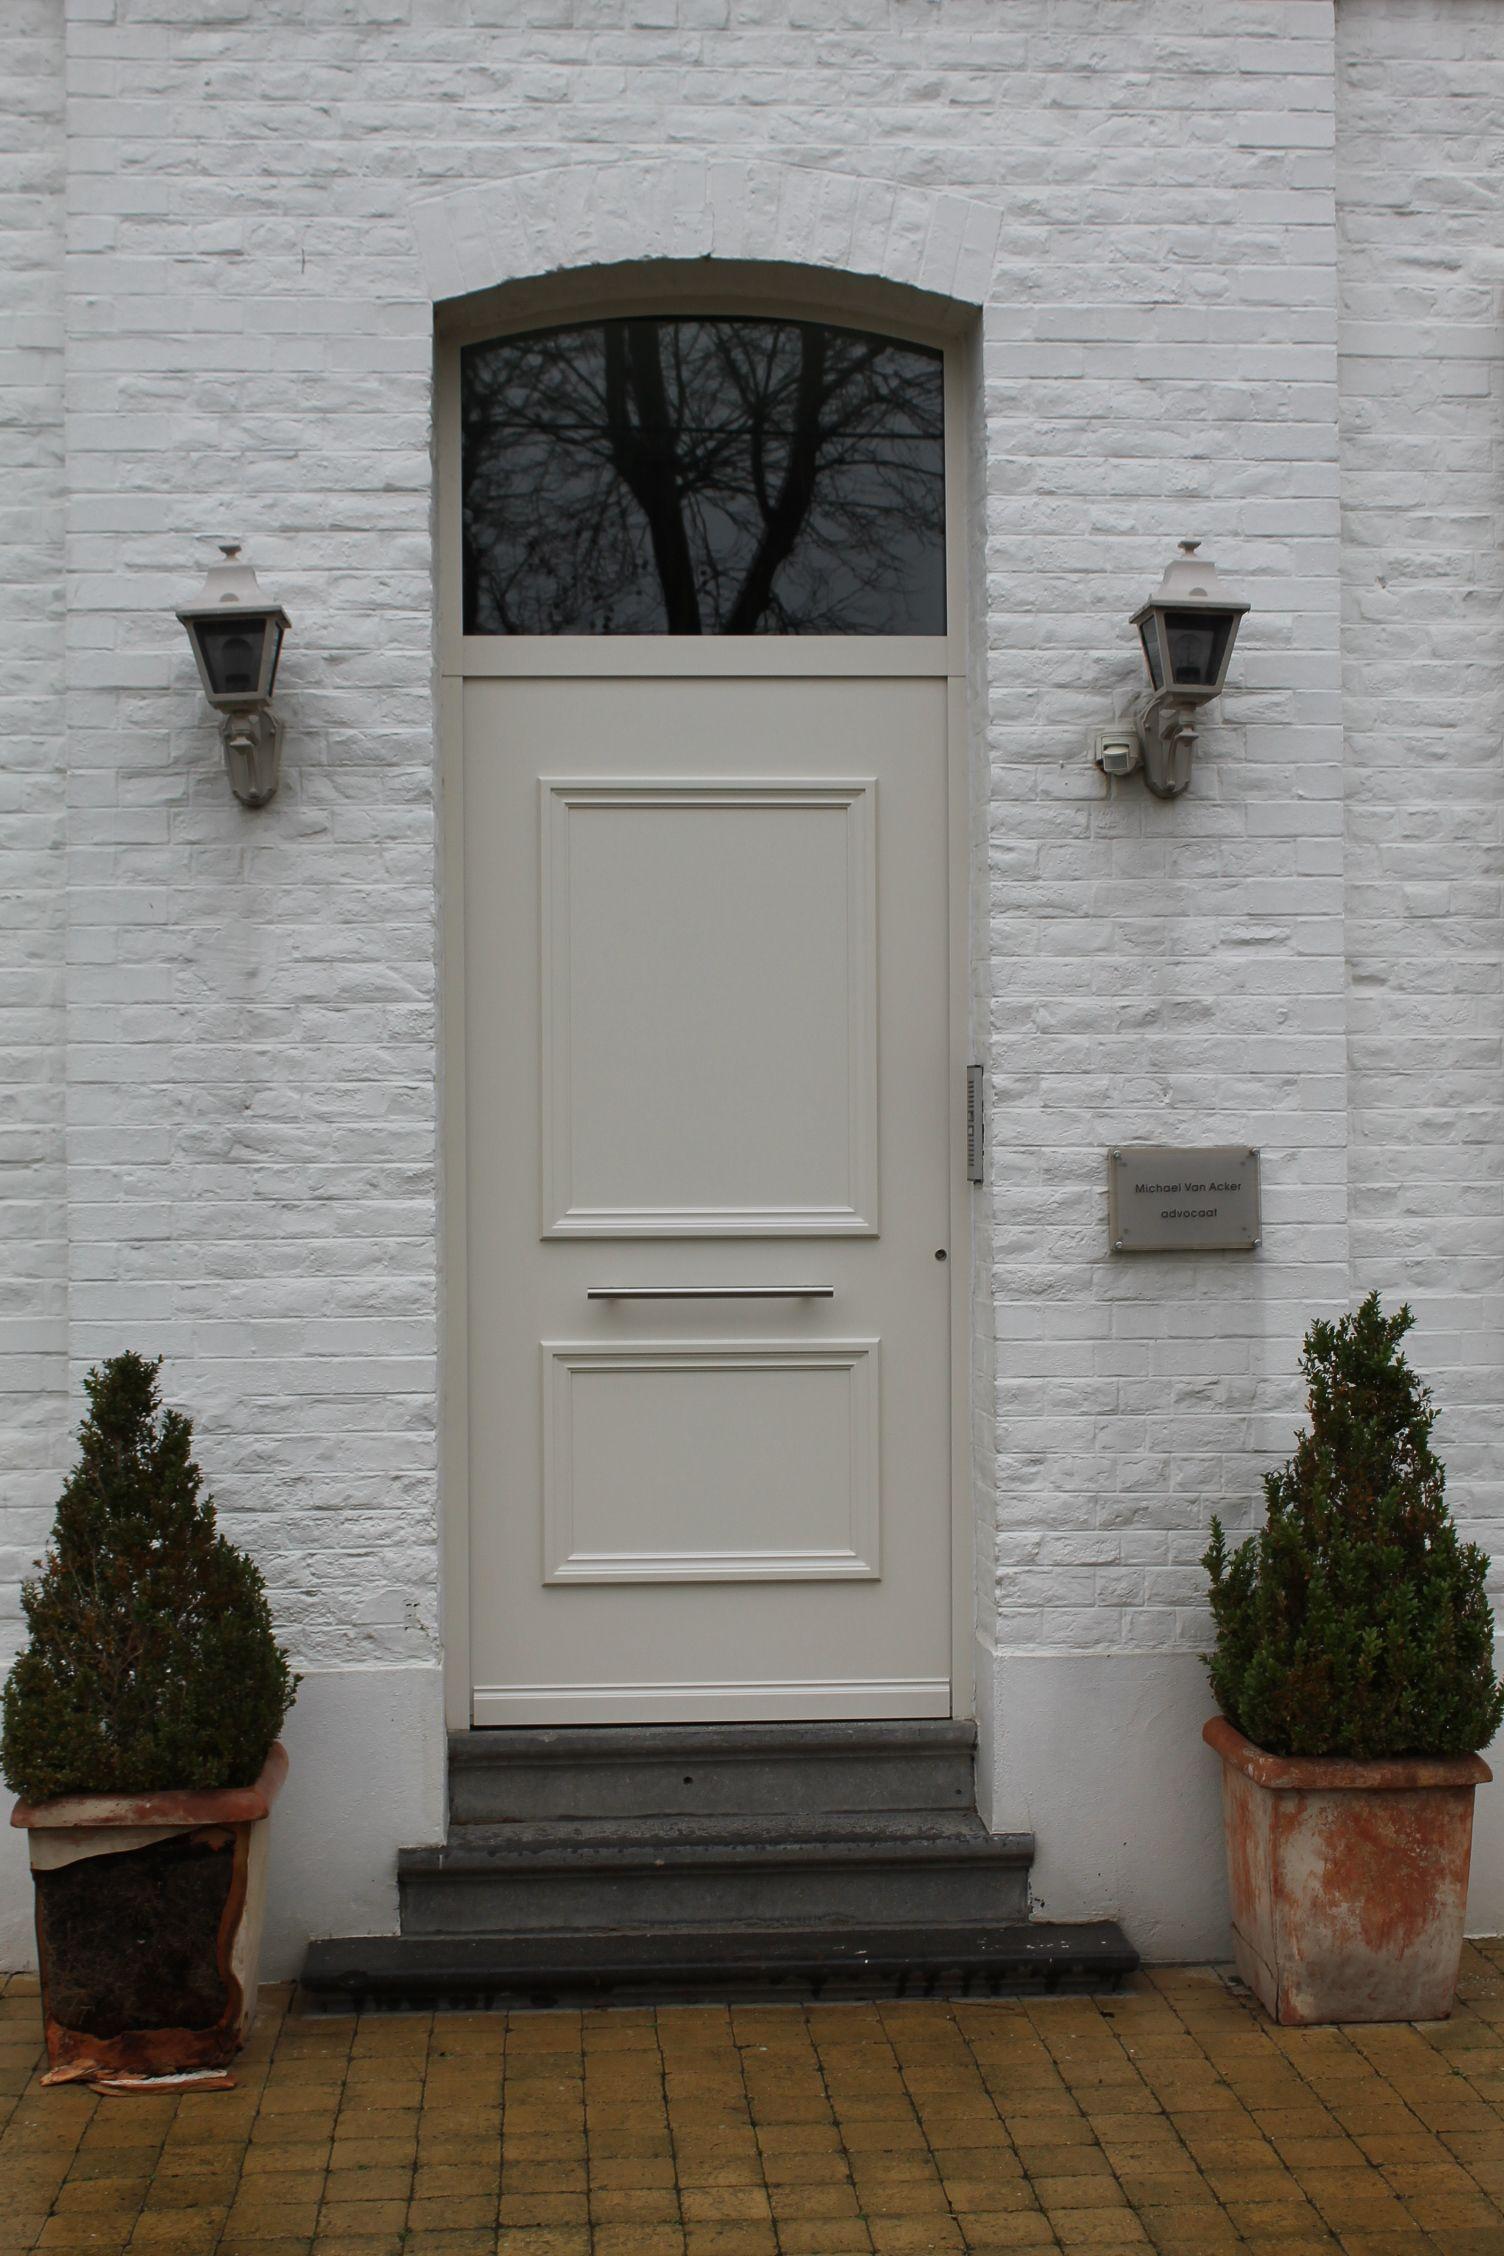 Entrance Doors Front Entrances Inbraakveilig Gekeurde Deur Pr Sence, Model